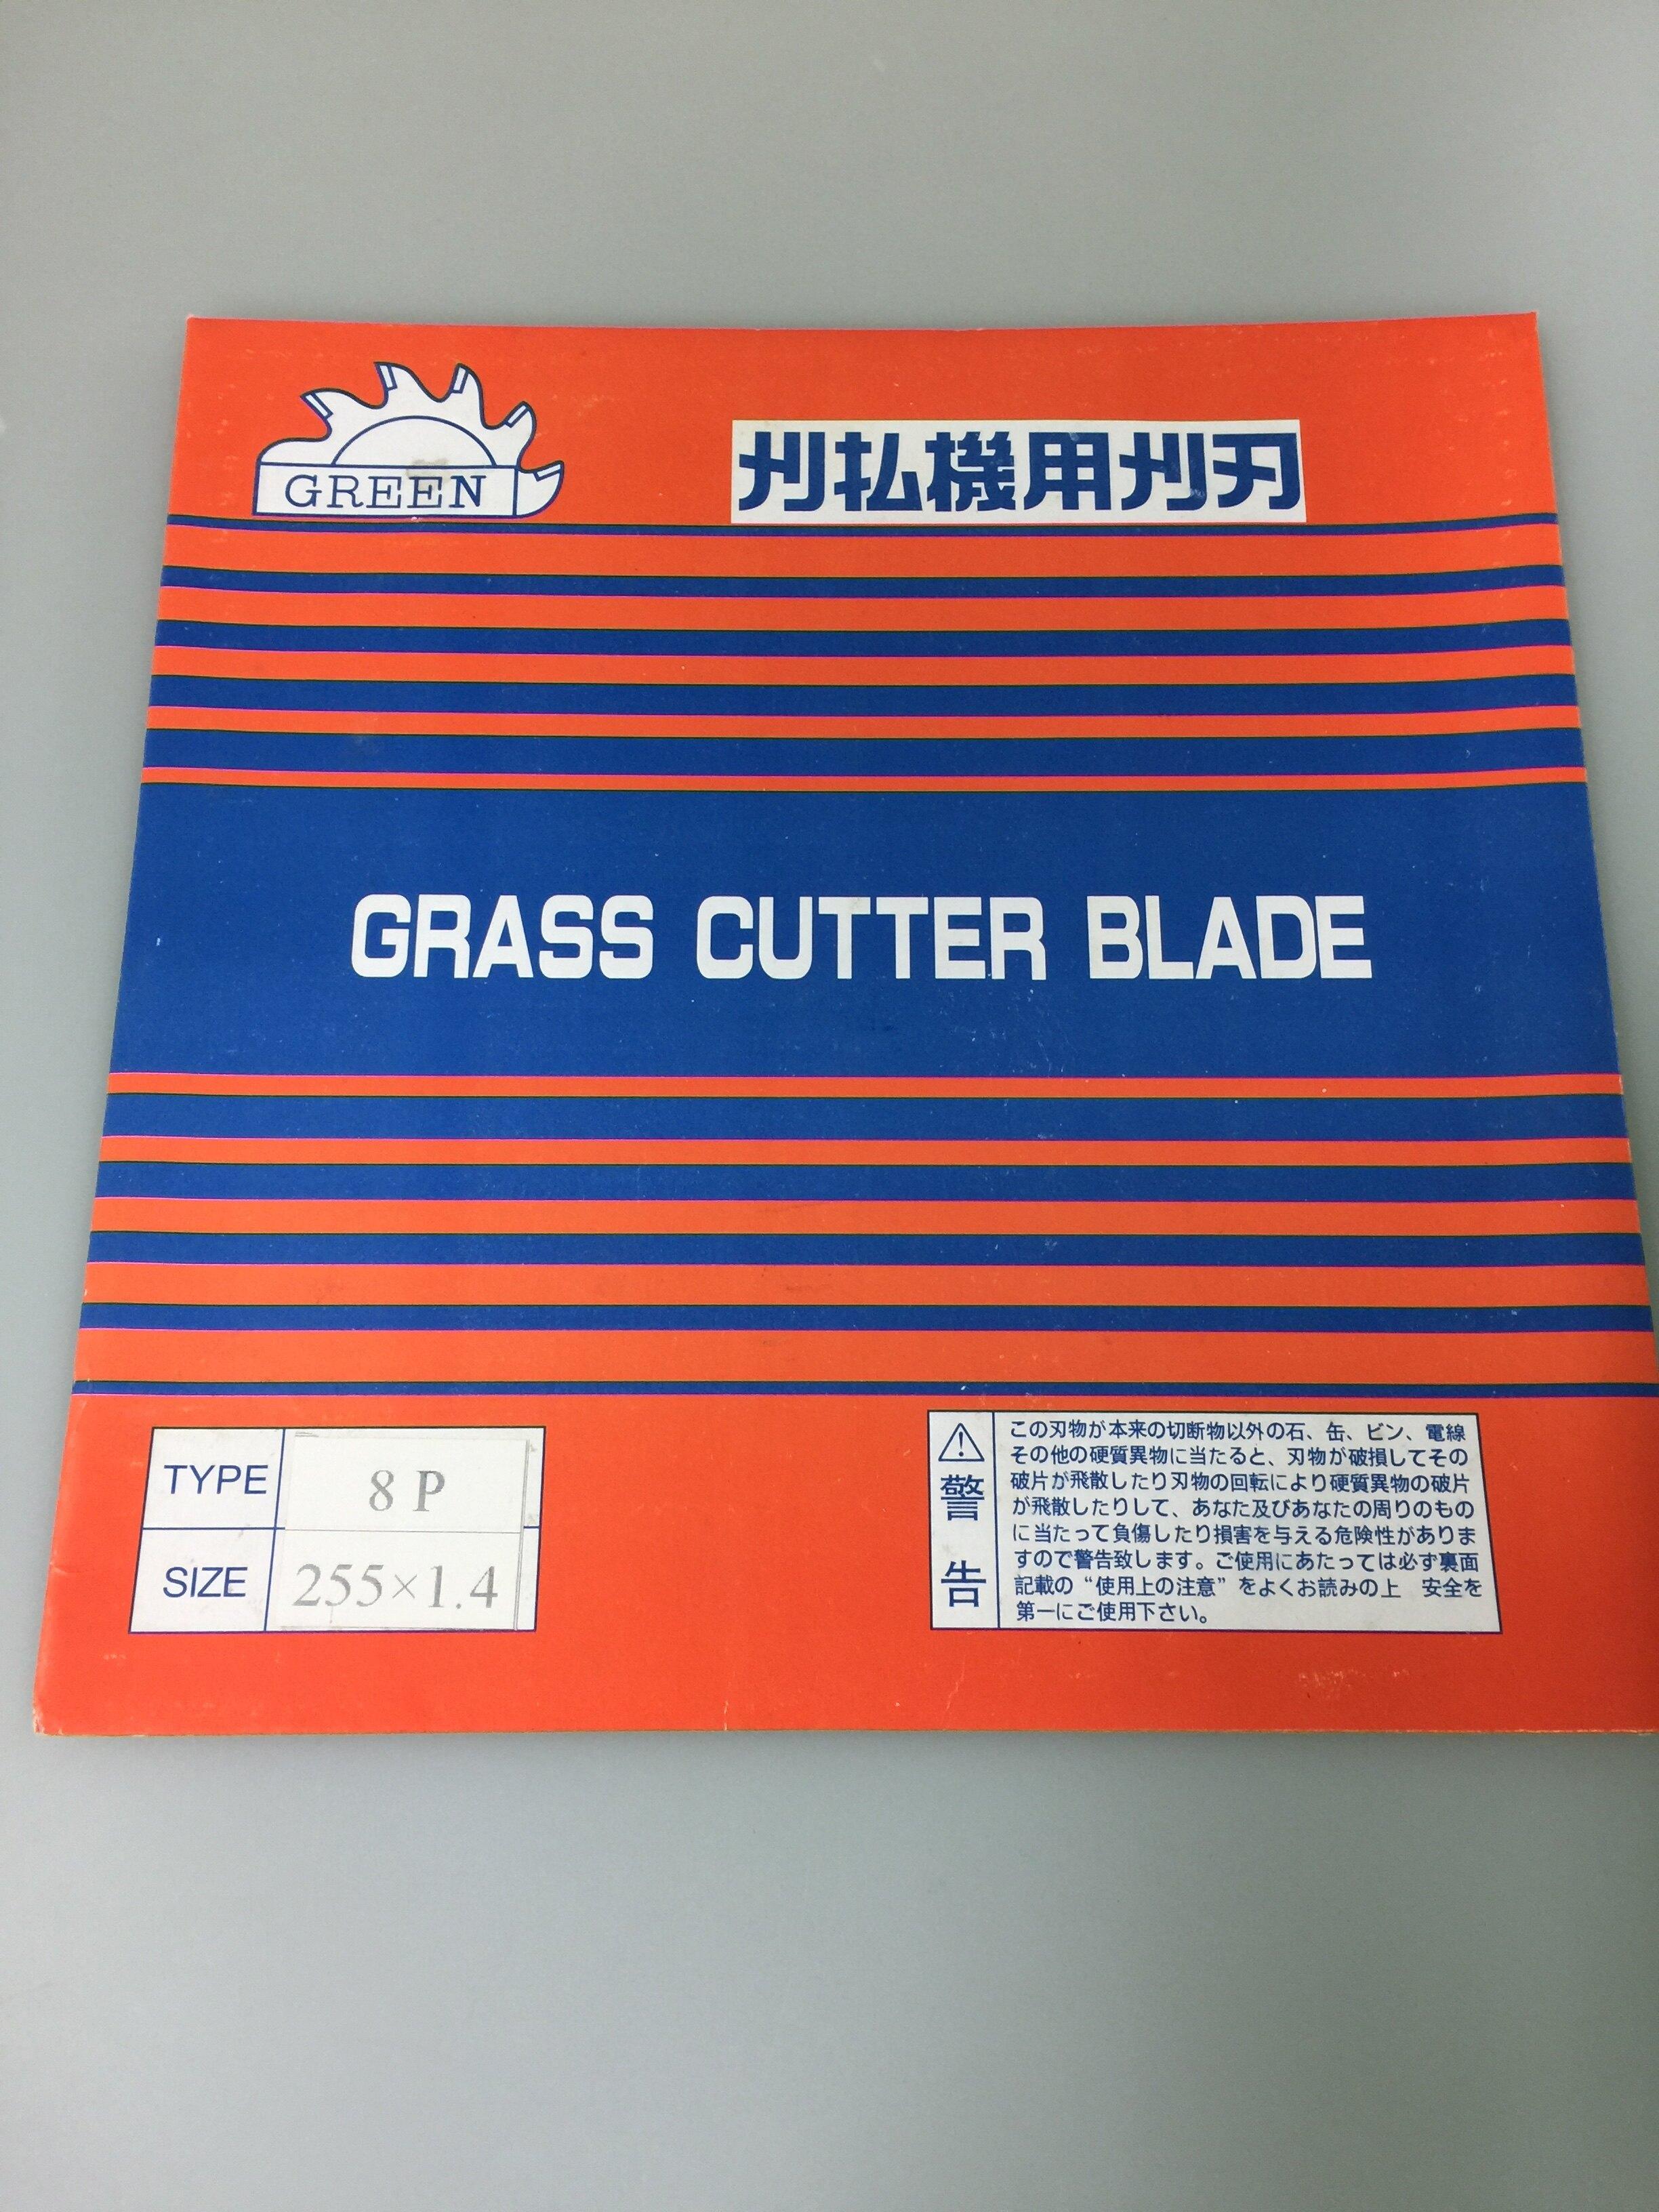 台灣製八T刀片(引擎割草機可用,電動割草機可用)刈草機 除草機 刀片 替換刀刃 8P 圓型 8刃